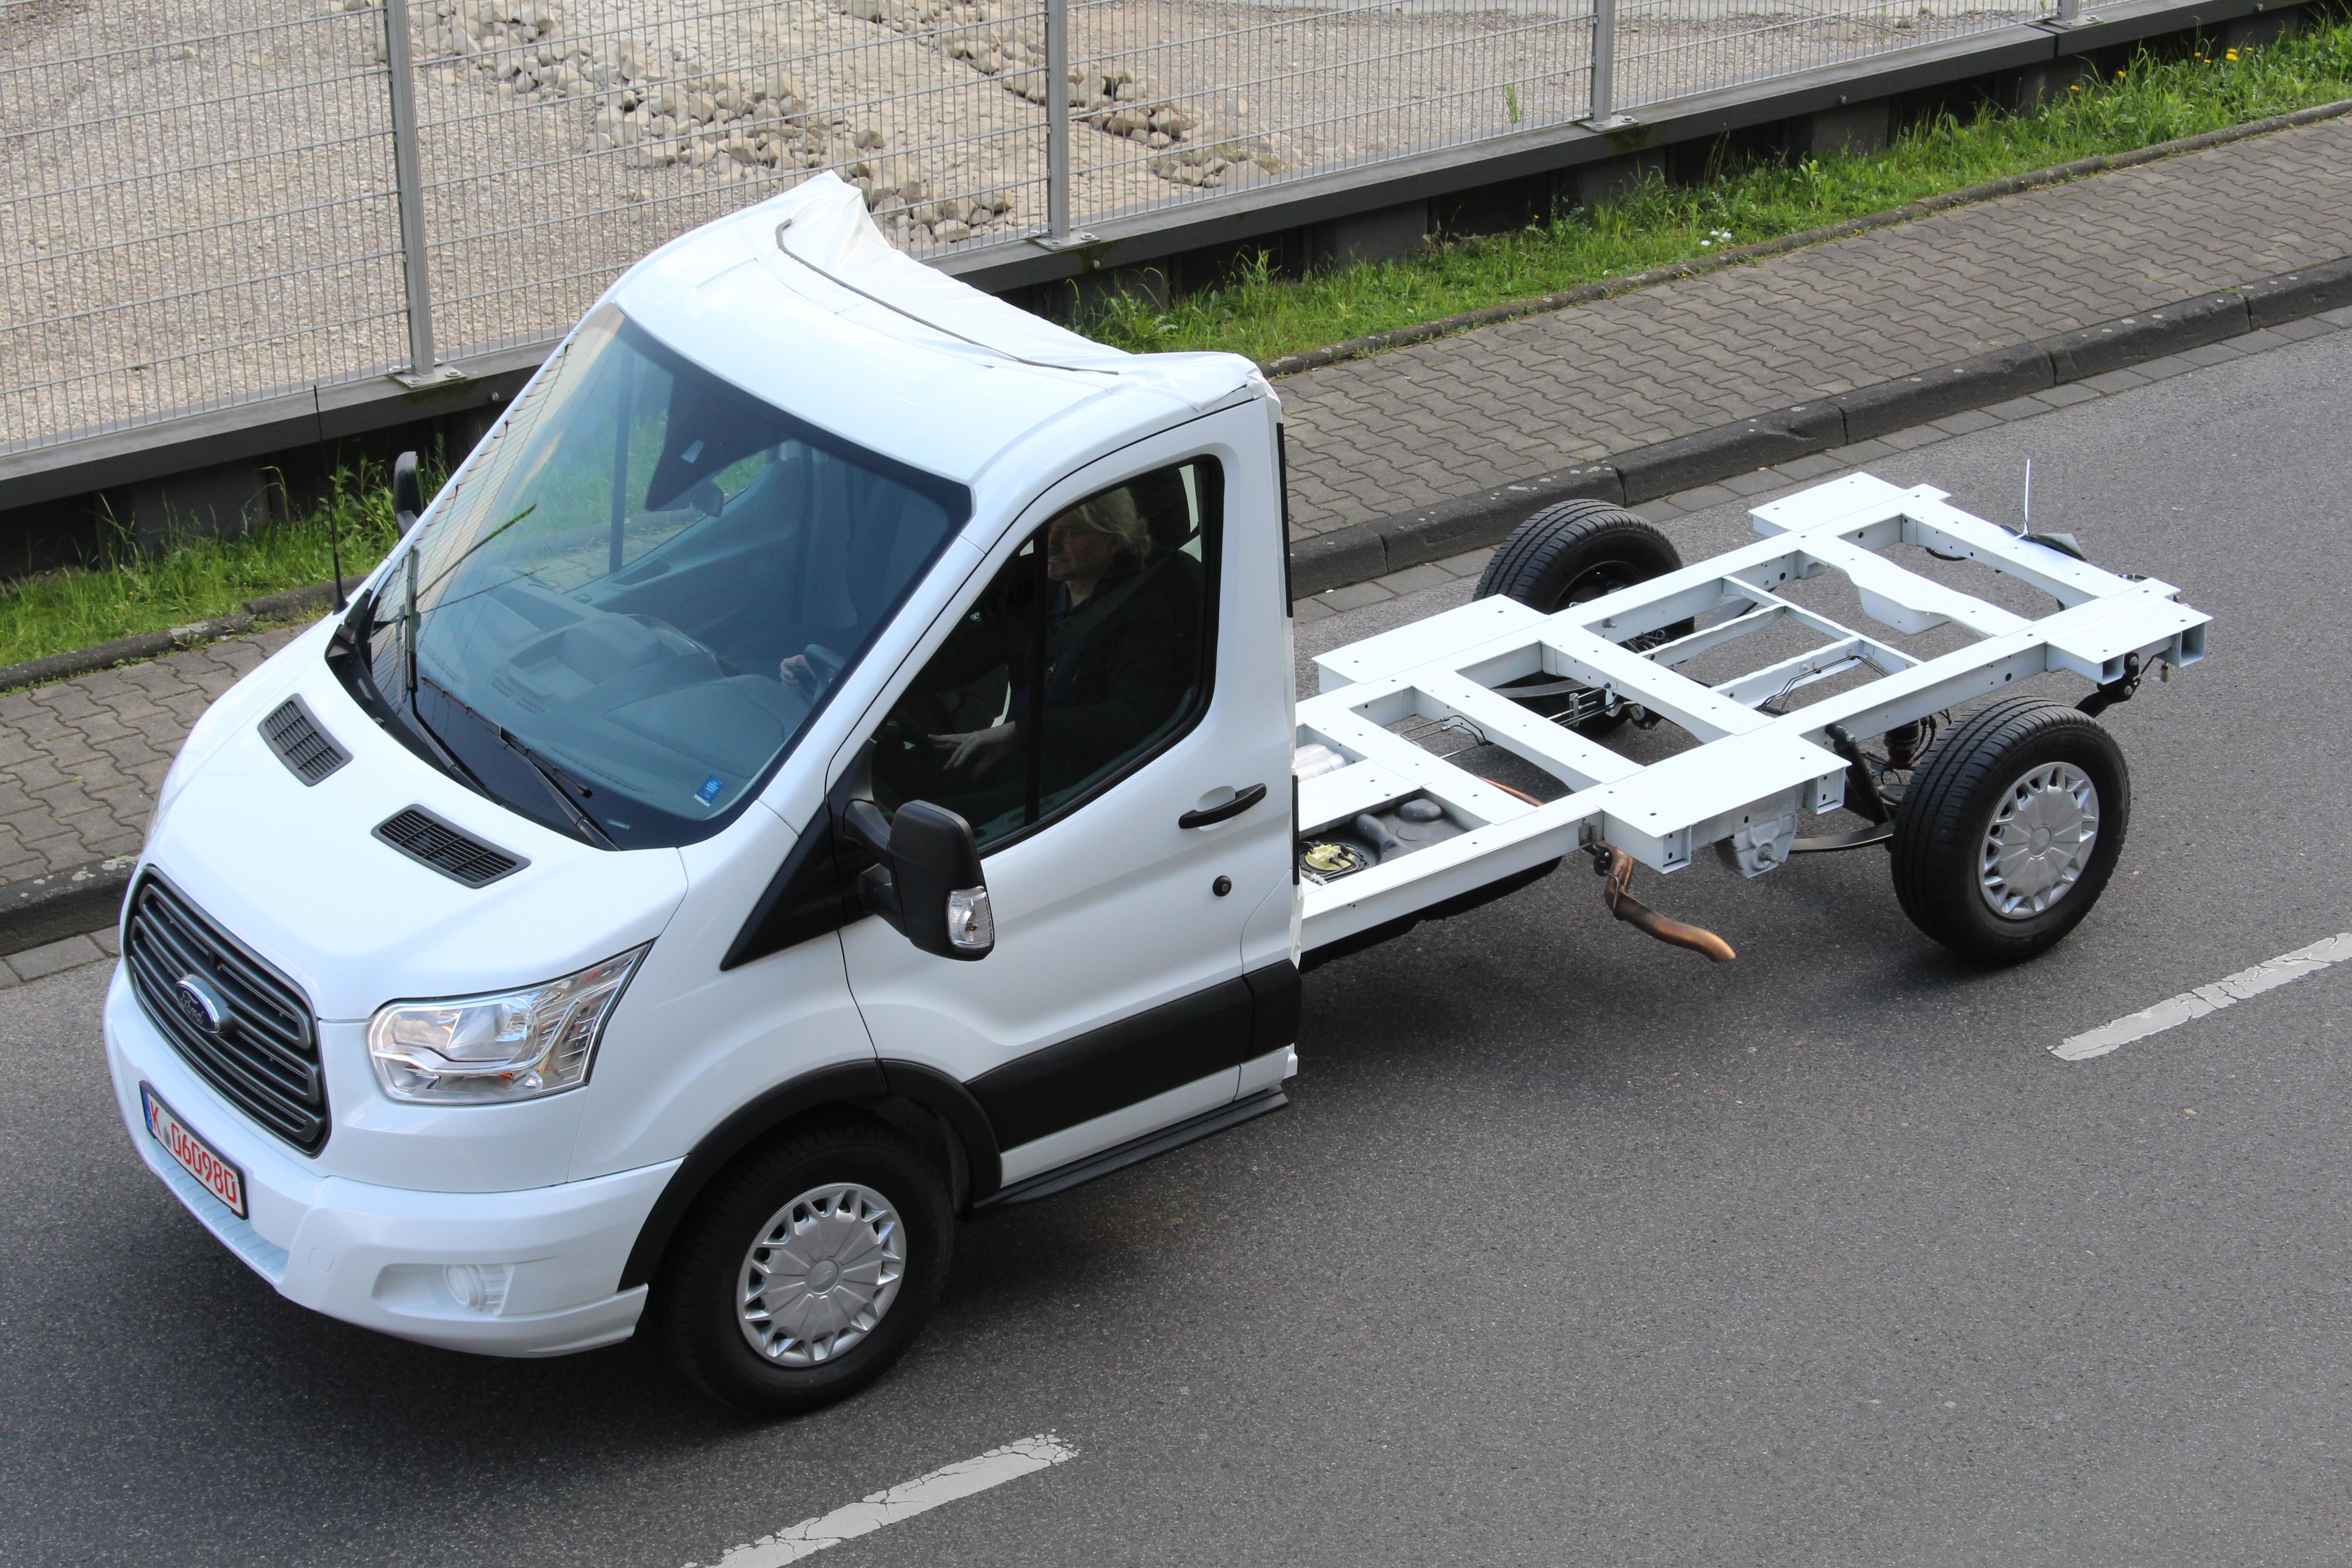 ▷ Ford mit drei Weltpremieren auf dem Caravan Salon 2014 | Presseportal